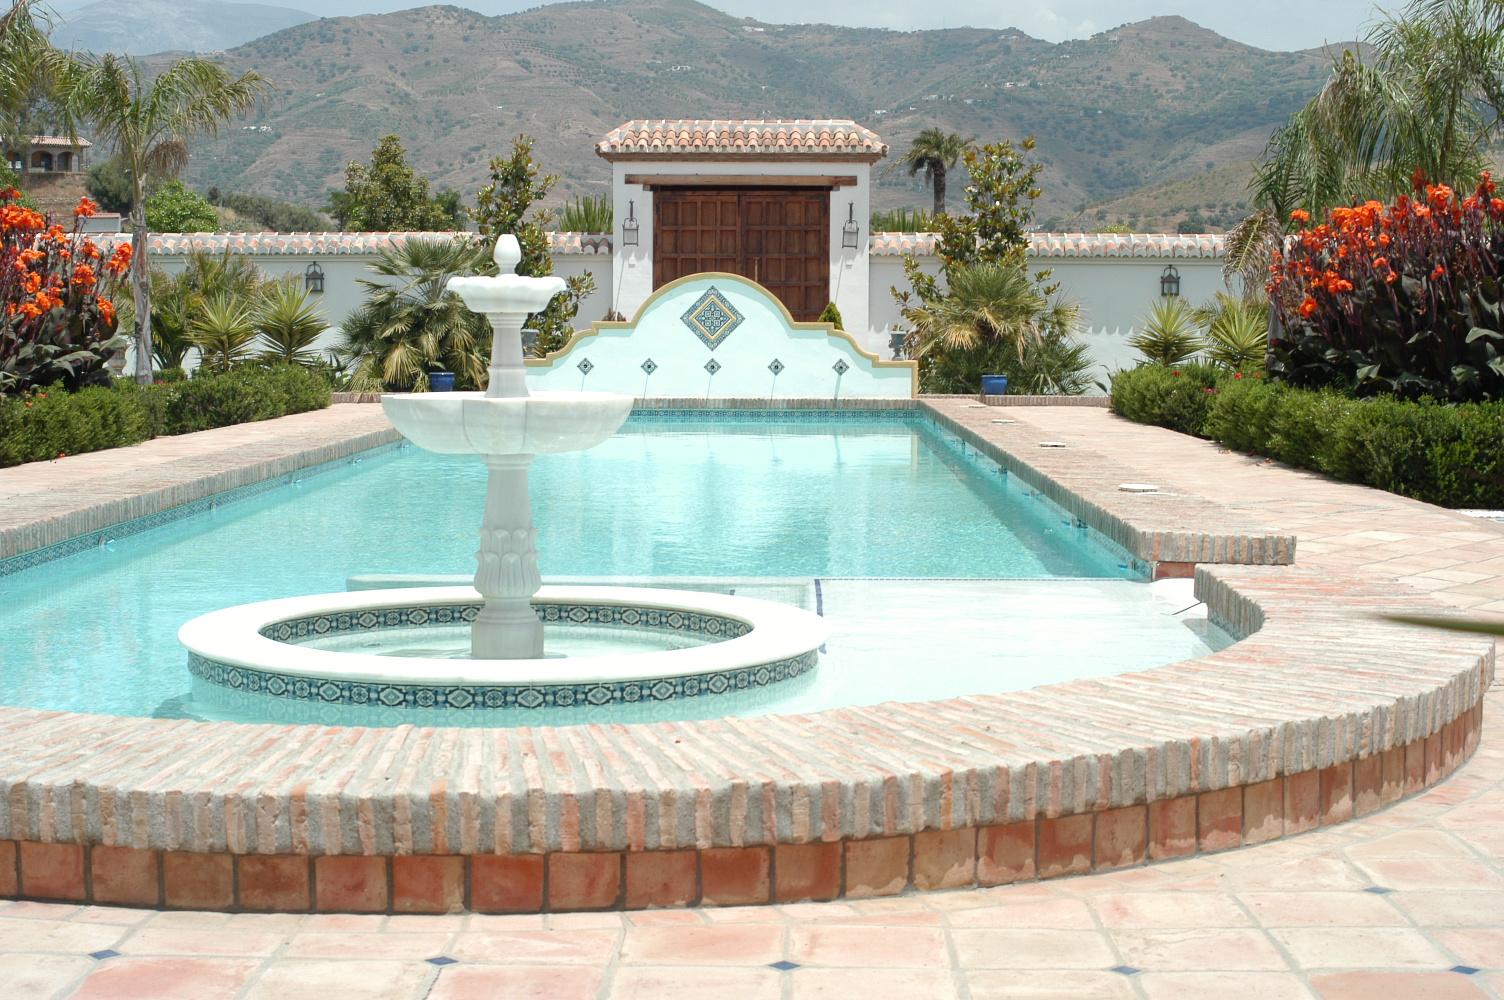 2 Springbrunnen, Brunnenrohre im Hintergrund